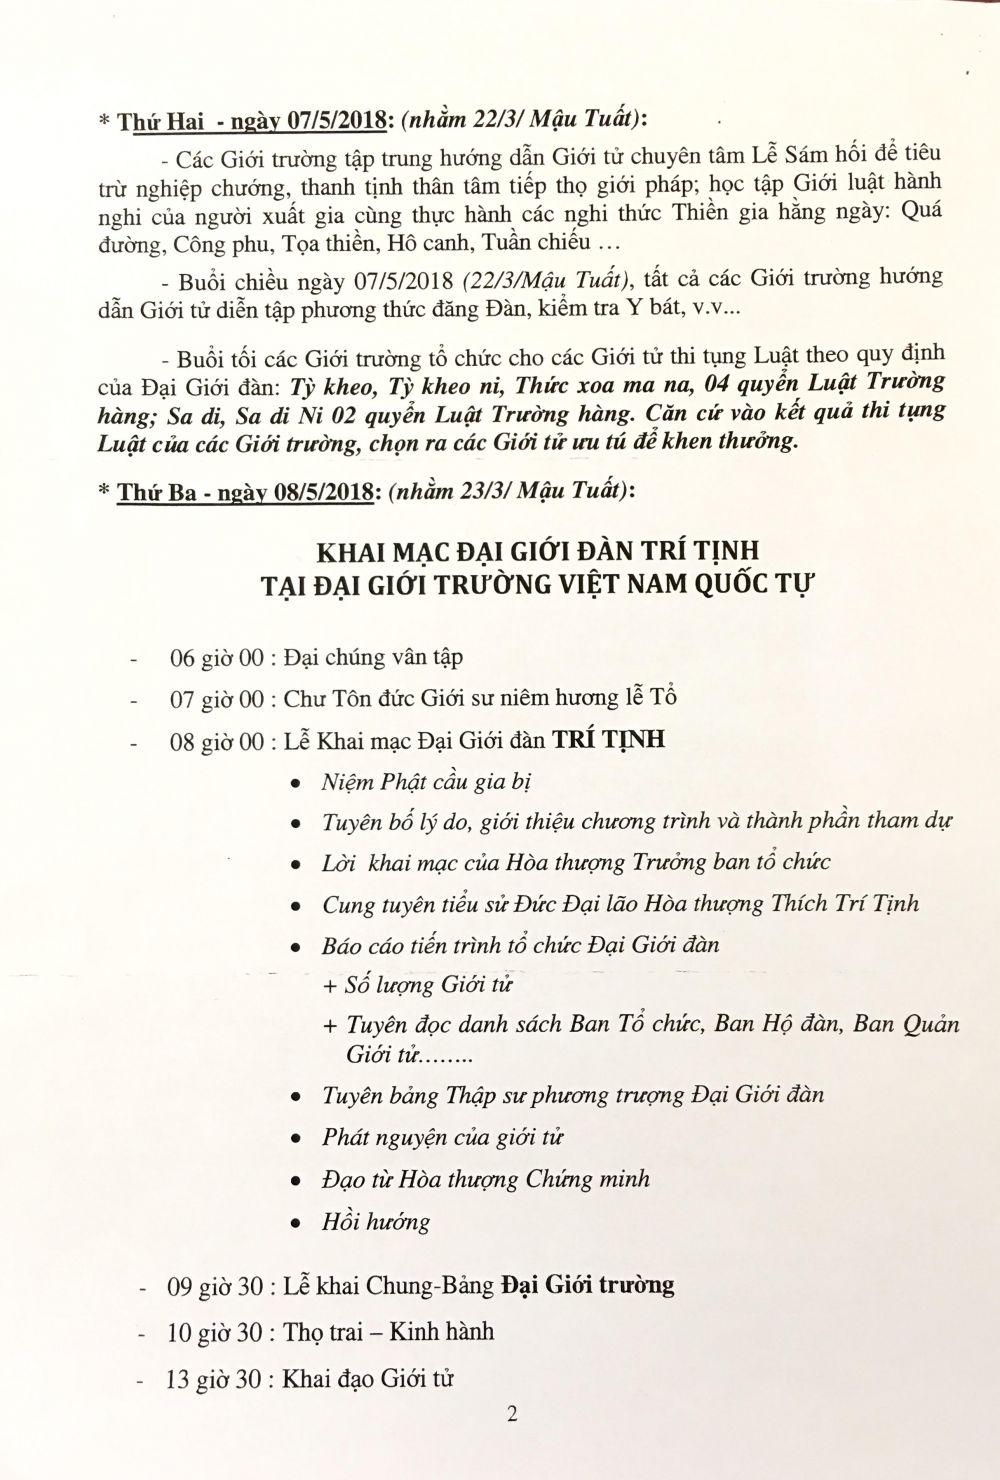 Thông báo thứ 4: Chương trình Đại Giới Đàn Trí Tịnh PL.2561 – DL.2018 - 2.jpg (747358 KB)